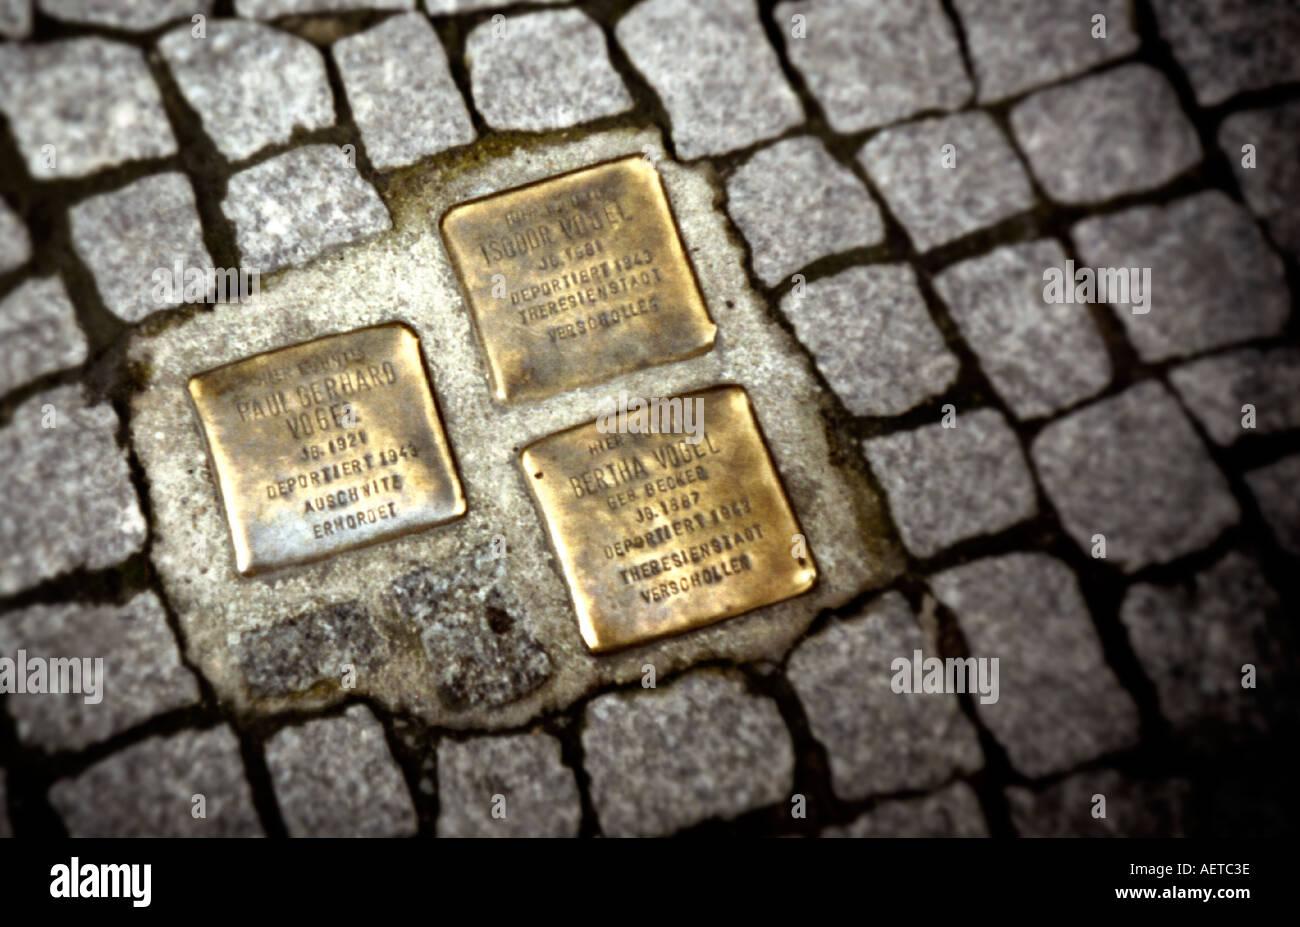 Holocaust-Gedenktafeln für jüdische Opfer der Nazis in die Fahrbahn in Hackescher Markt, Berlin, Deutschland Stockbild